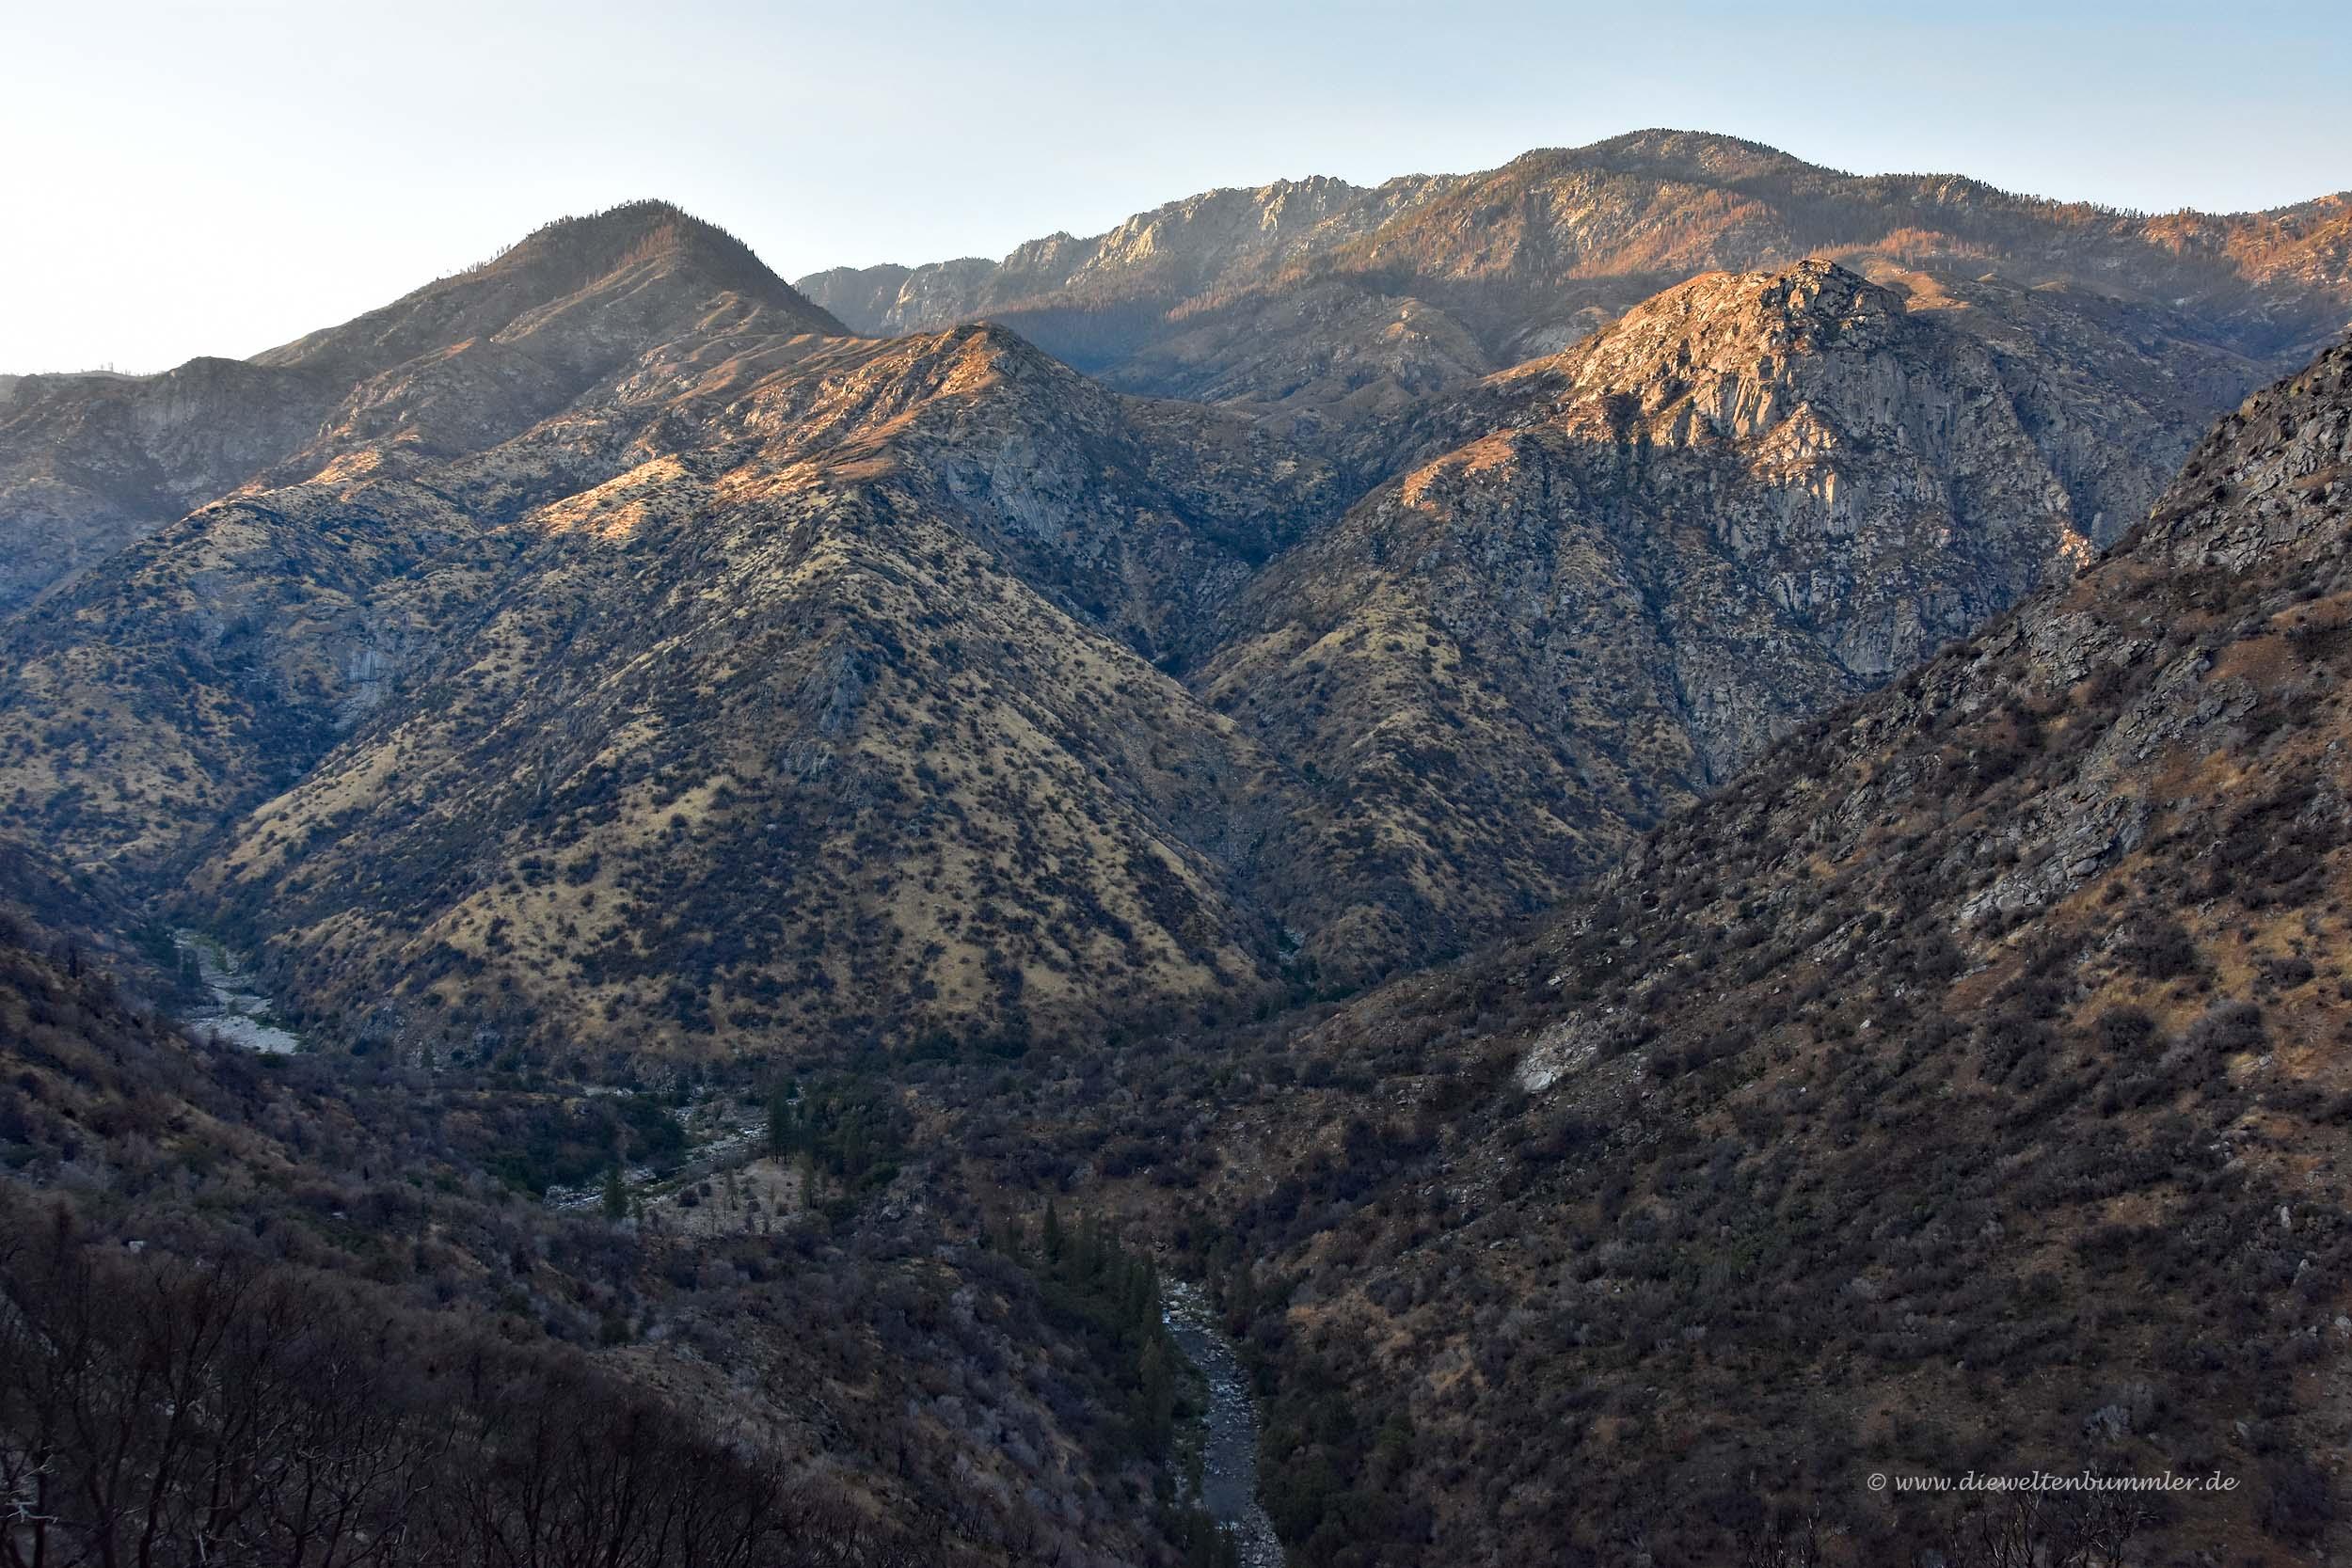 Hügel der Sierra Nevada